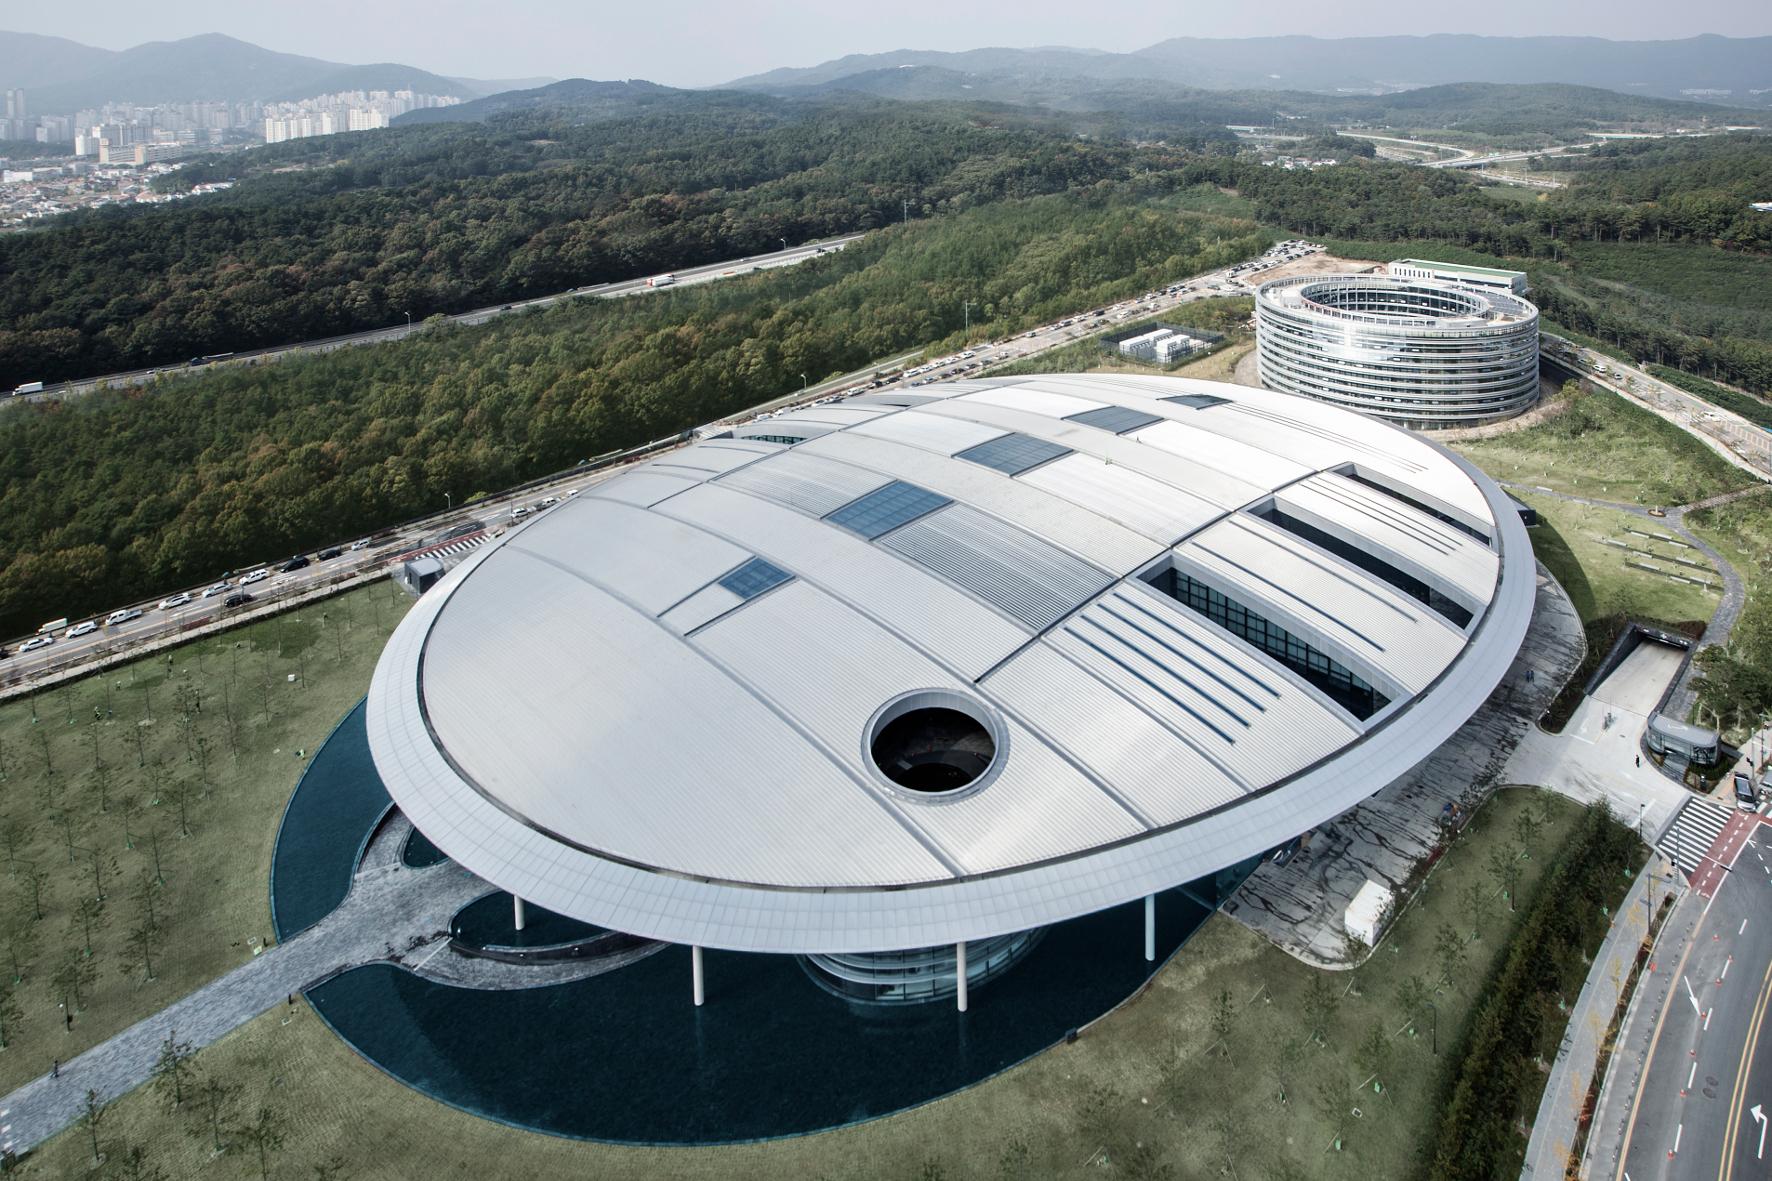 mid Groß-Gerau - Wie eine fliegende Untertasse sieht das neue globale Forschungs- und Entwicklungszentrum von Hankook aus.